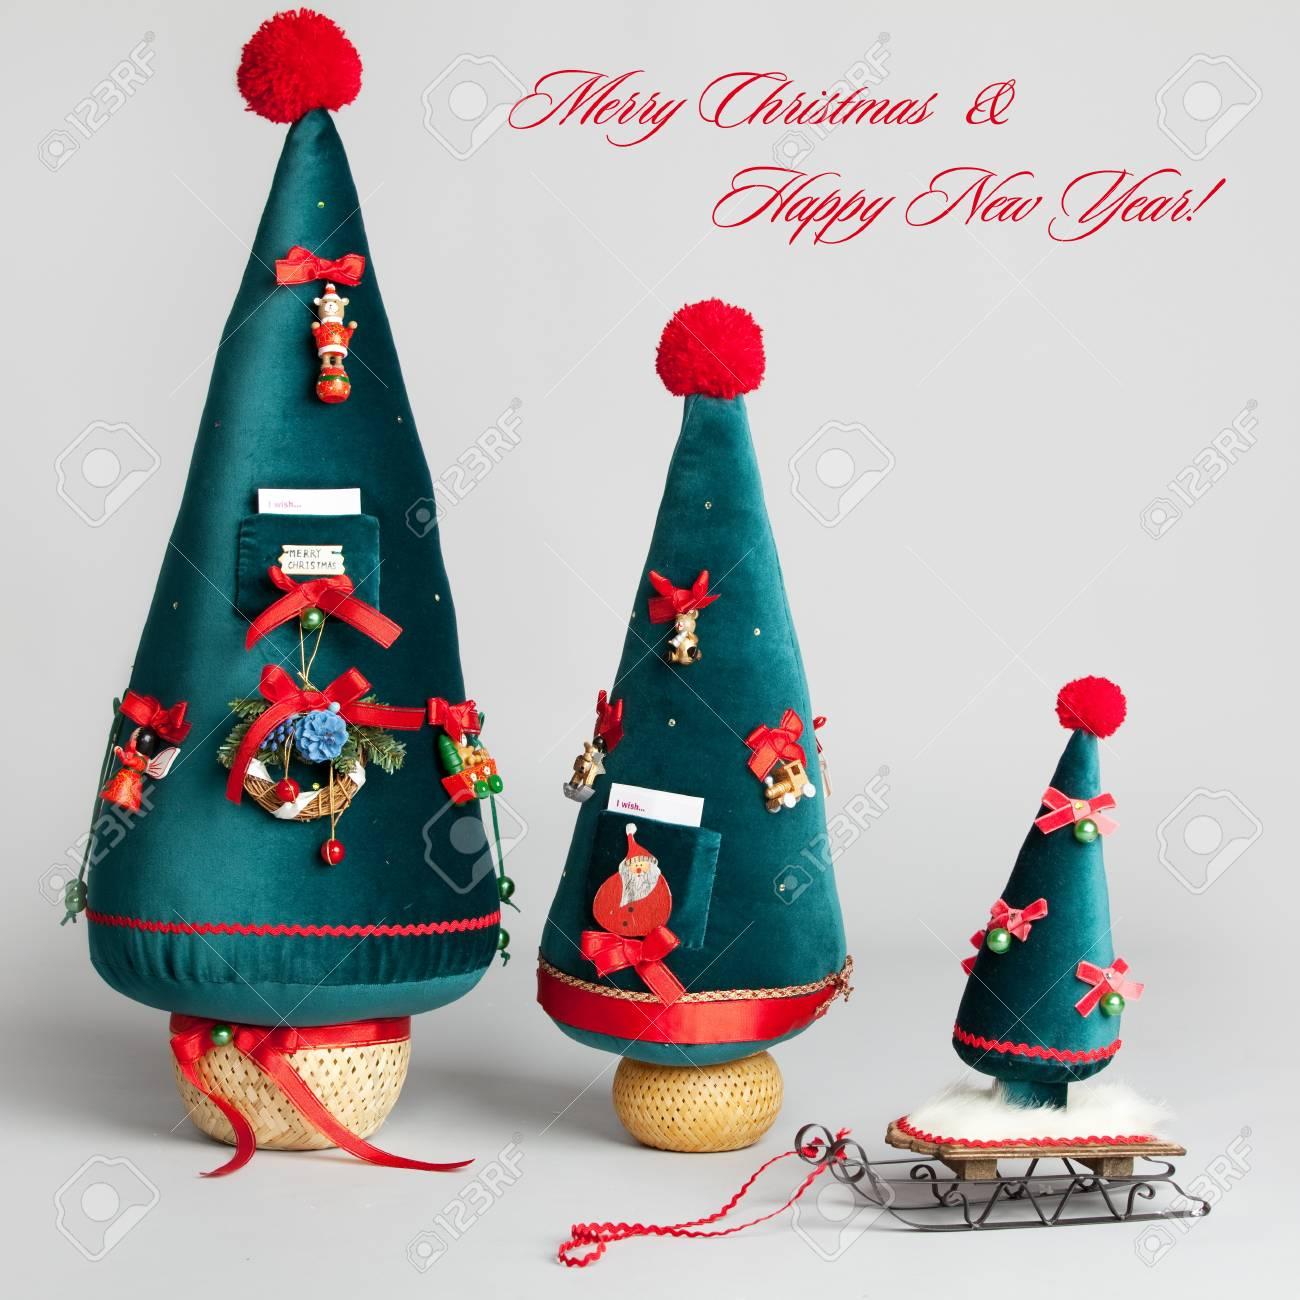 Christmas tree. Christmas Card Stock Photo - 15530119